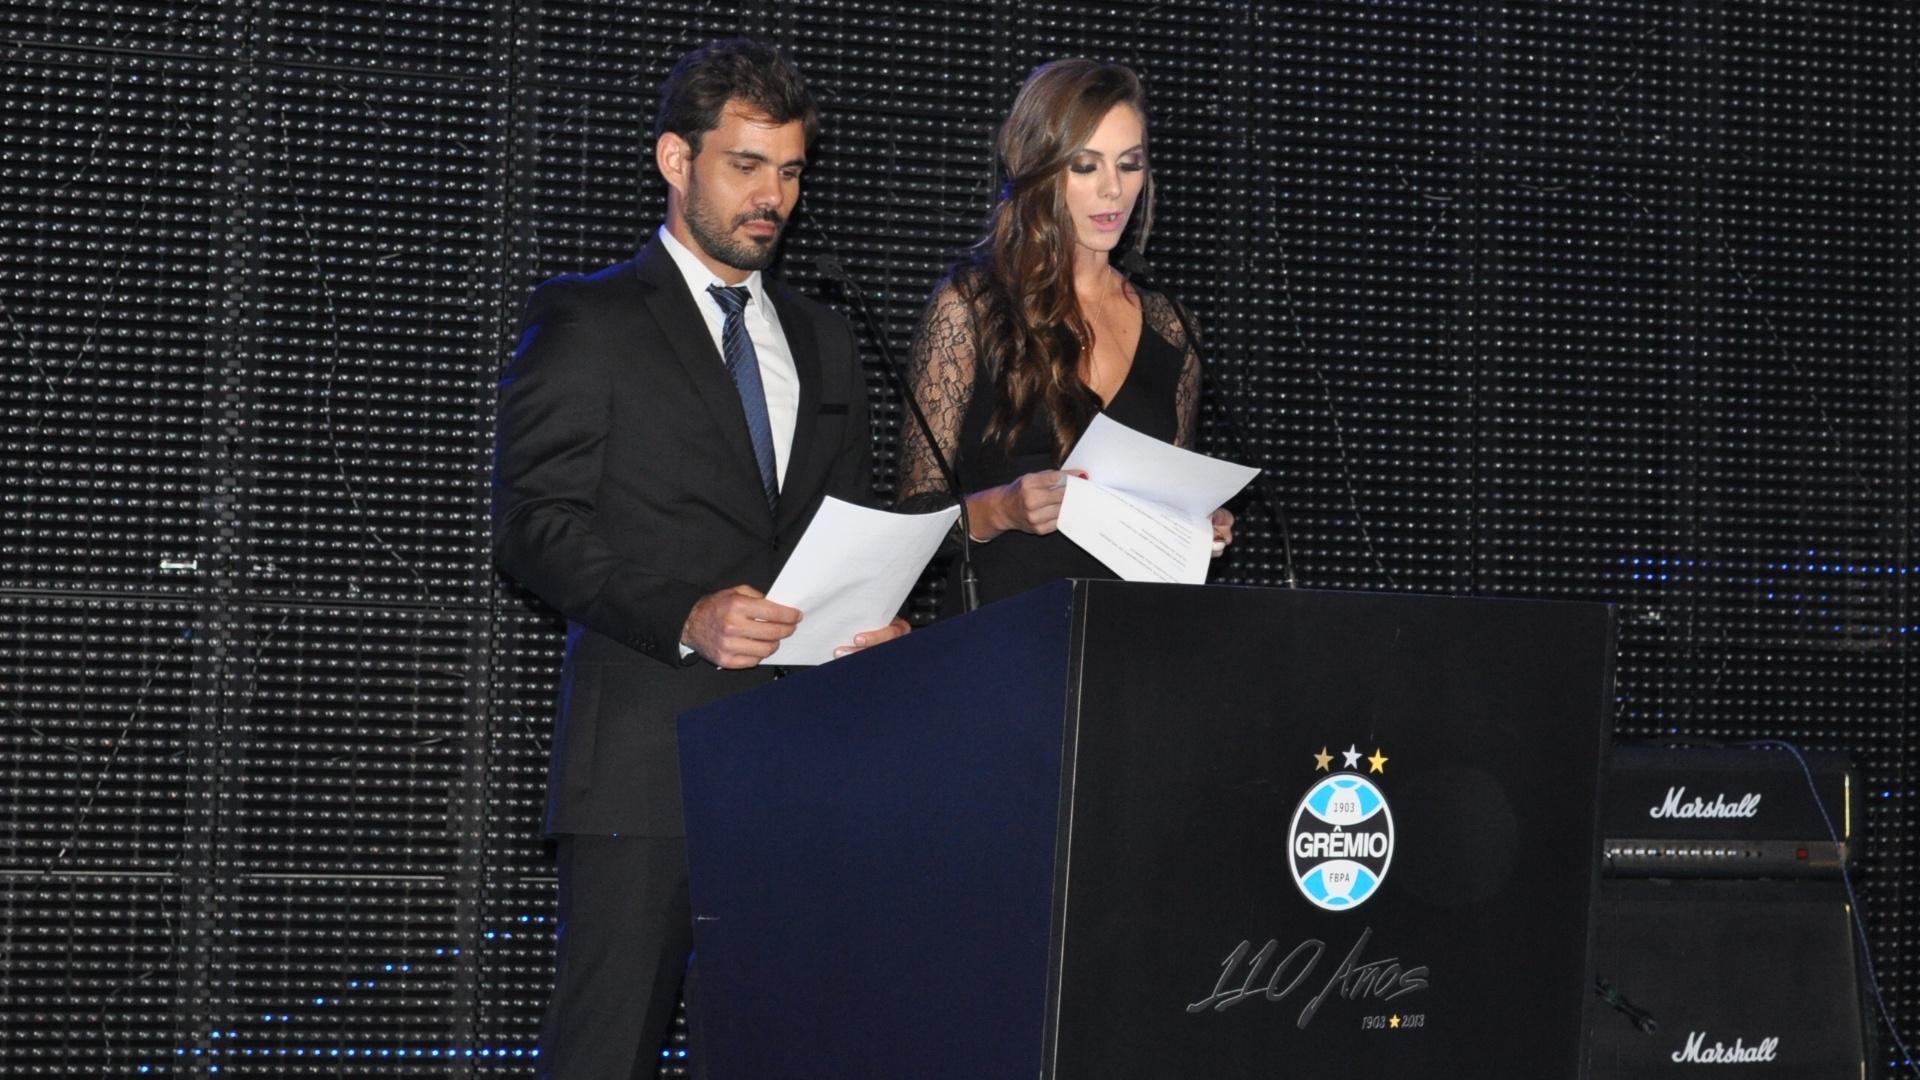 Juliano Cazarré (ator) e Gabriela Markus (Miss Brasil) apresentam festa de aniversário do Grêmio